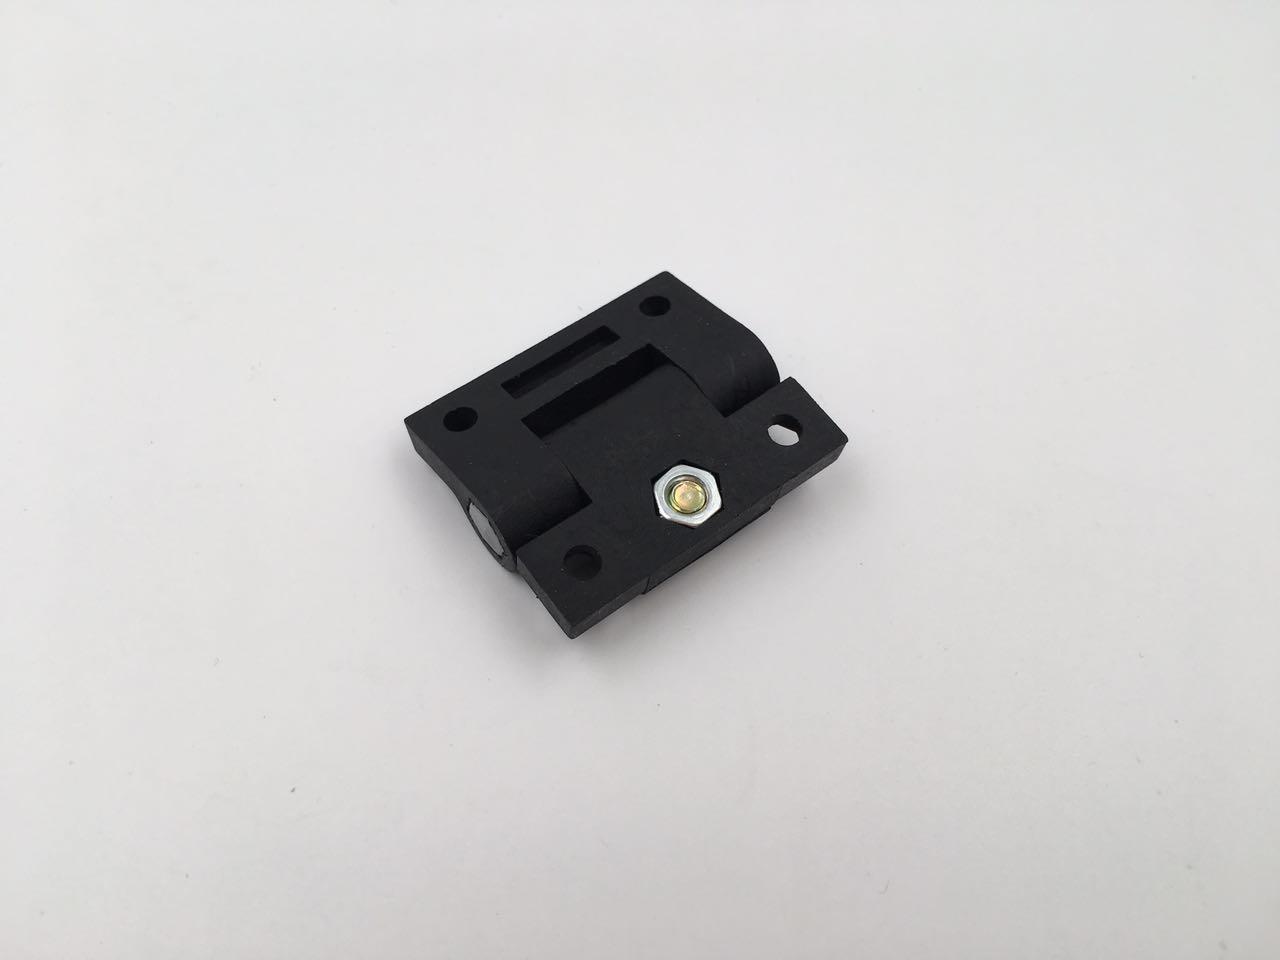 海タンJL272 / CL272減衰トーションヒンジ電信移動通信櫃3 Dプリンタープラスチック蝶番